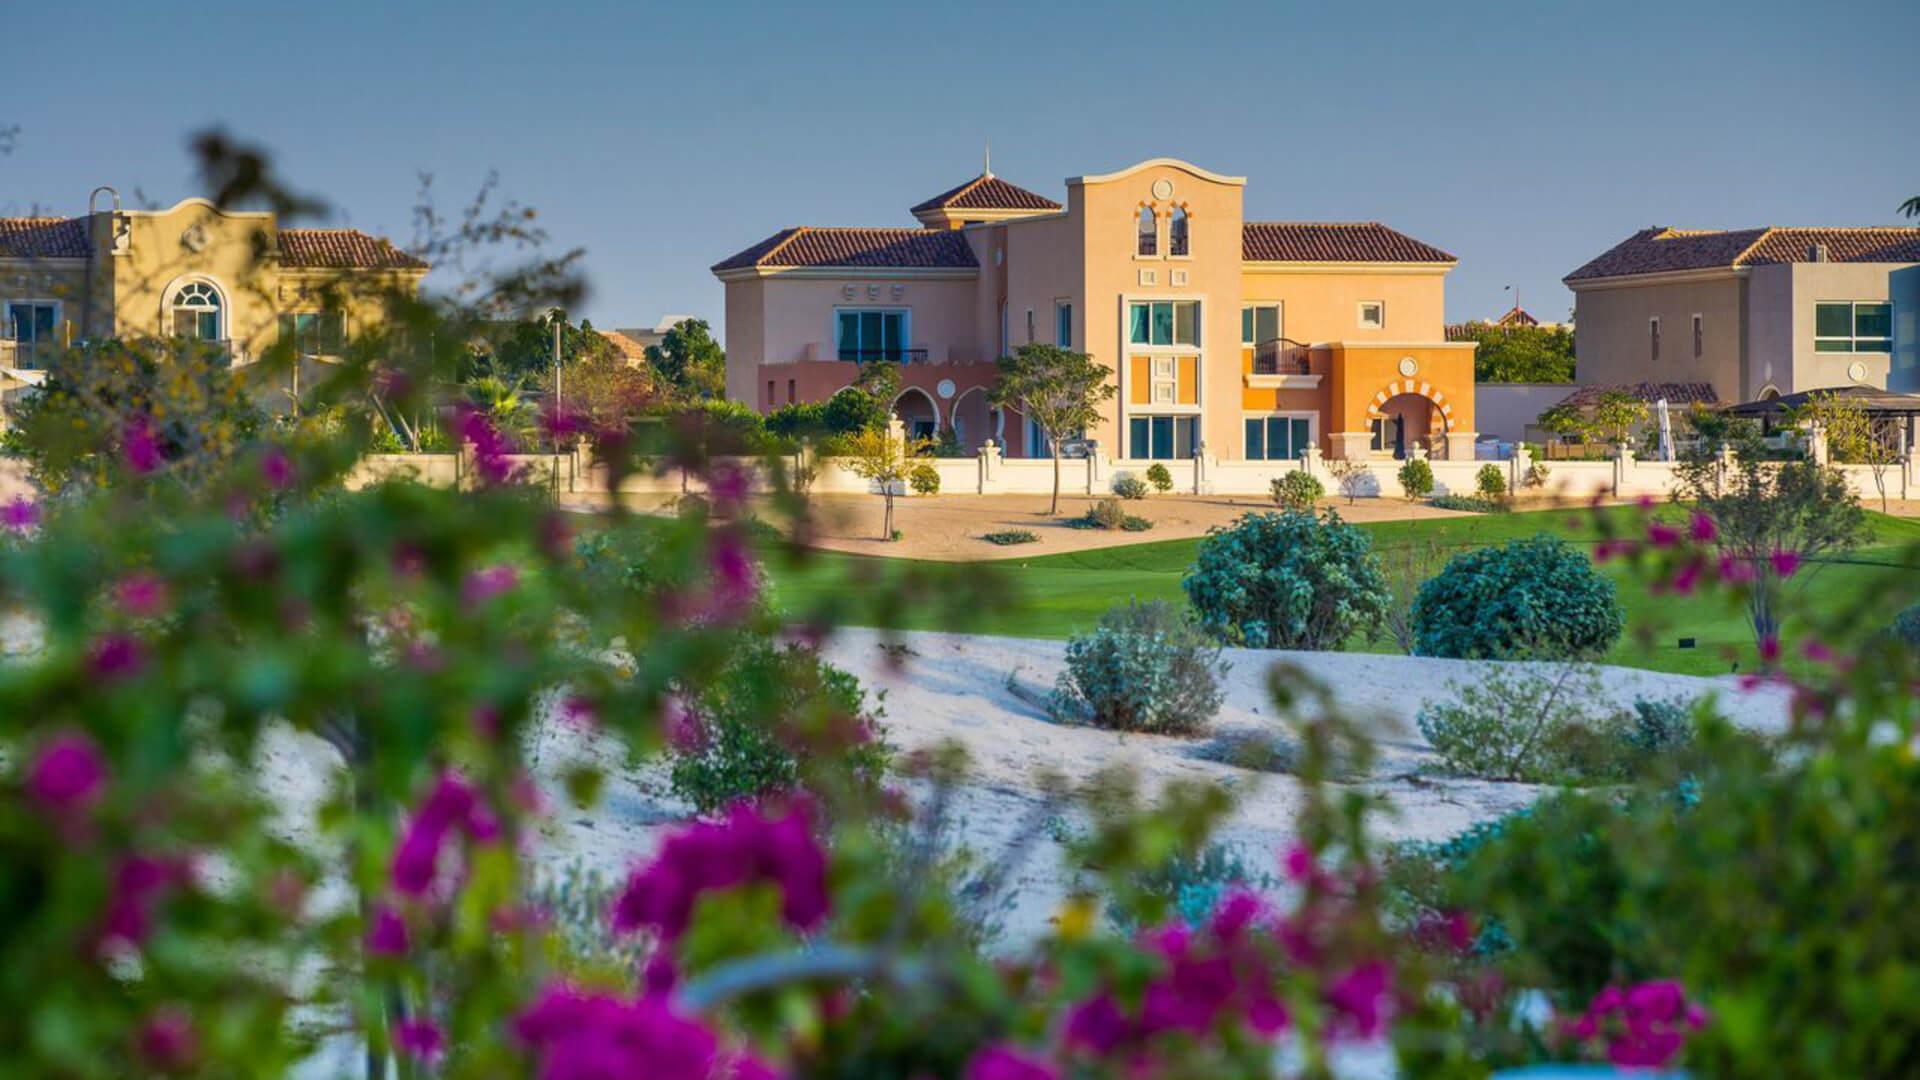 Adosado en venta en Dubai, EAU, 5 dormitorios, 994 m2, № 24046 – foto 5